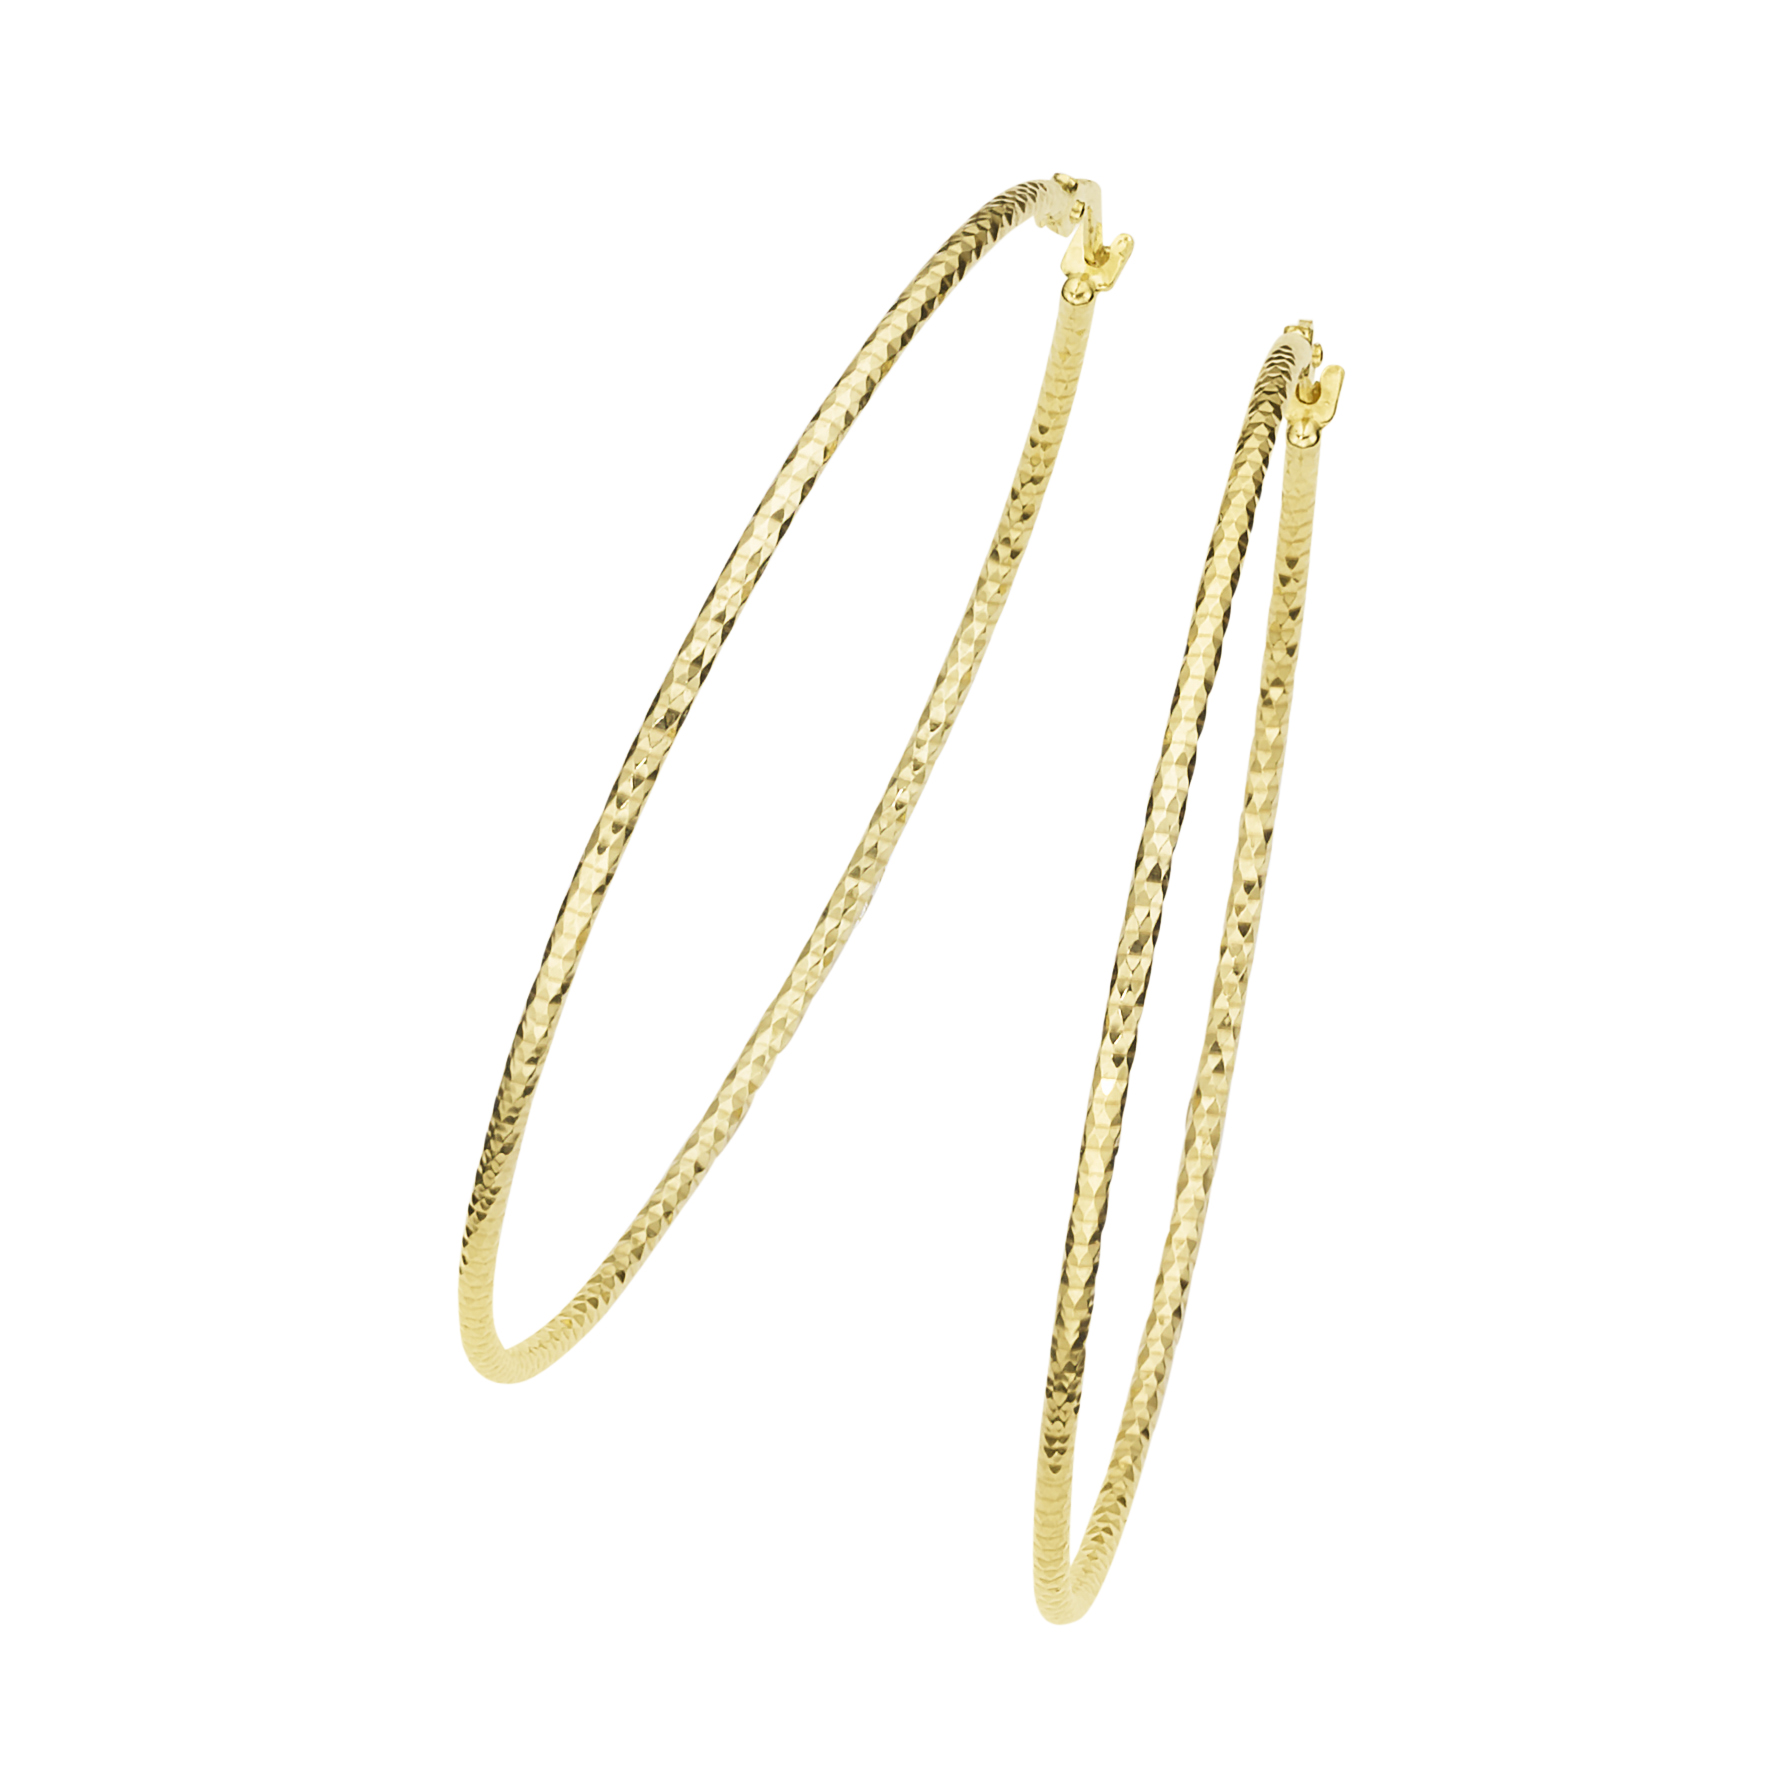 mit diamantierter Oberfläche, Gold 375